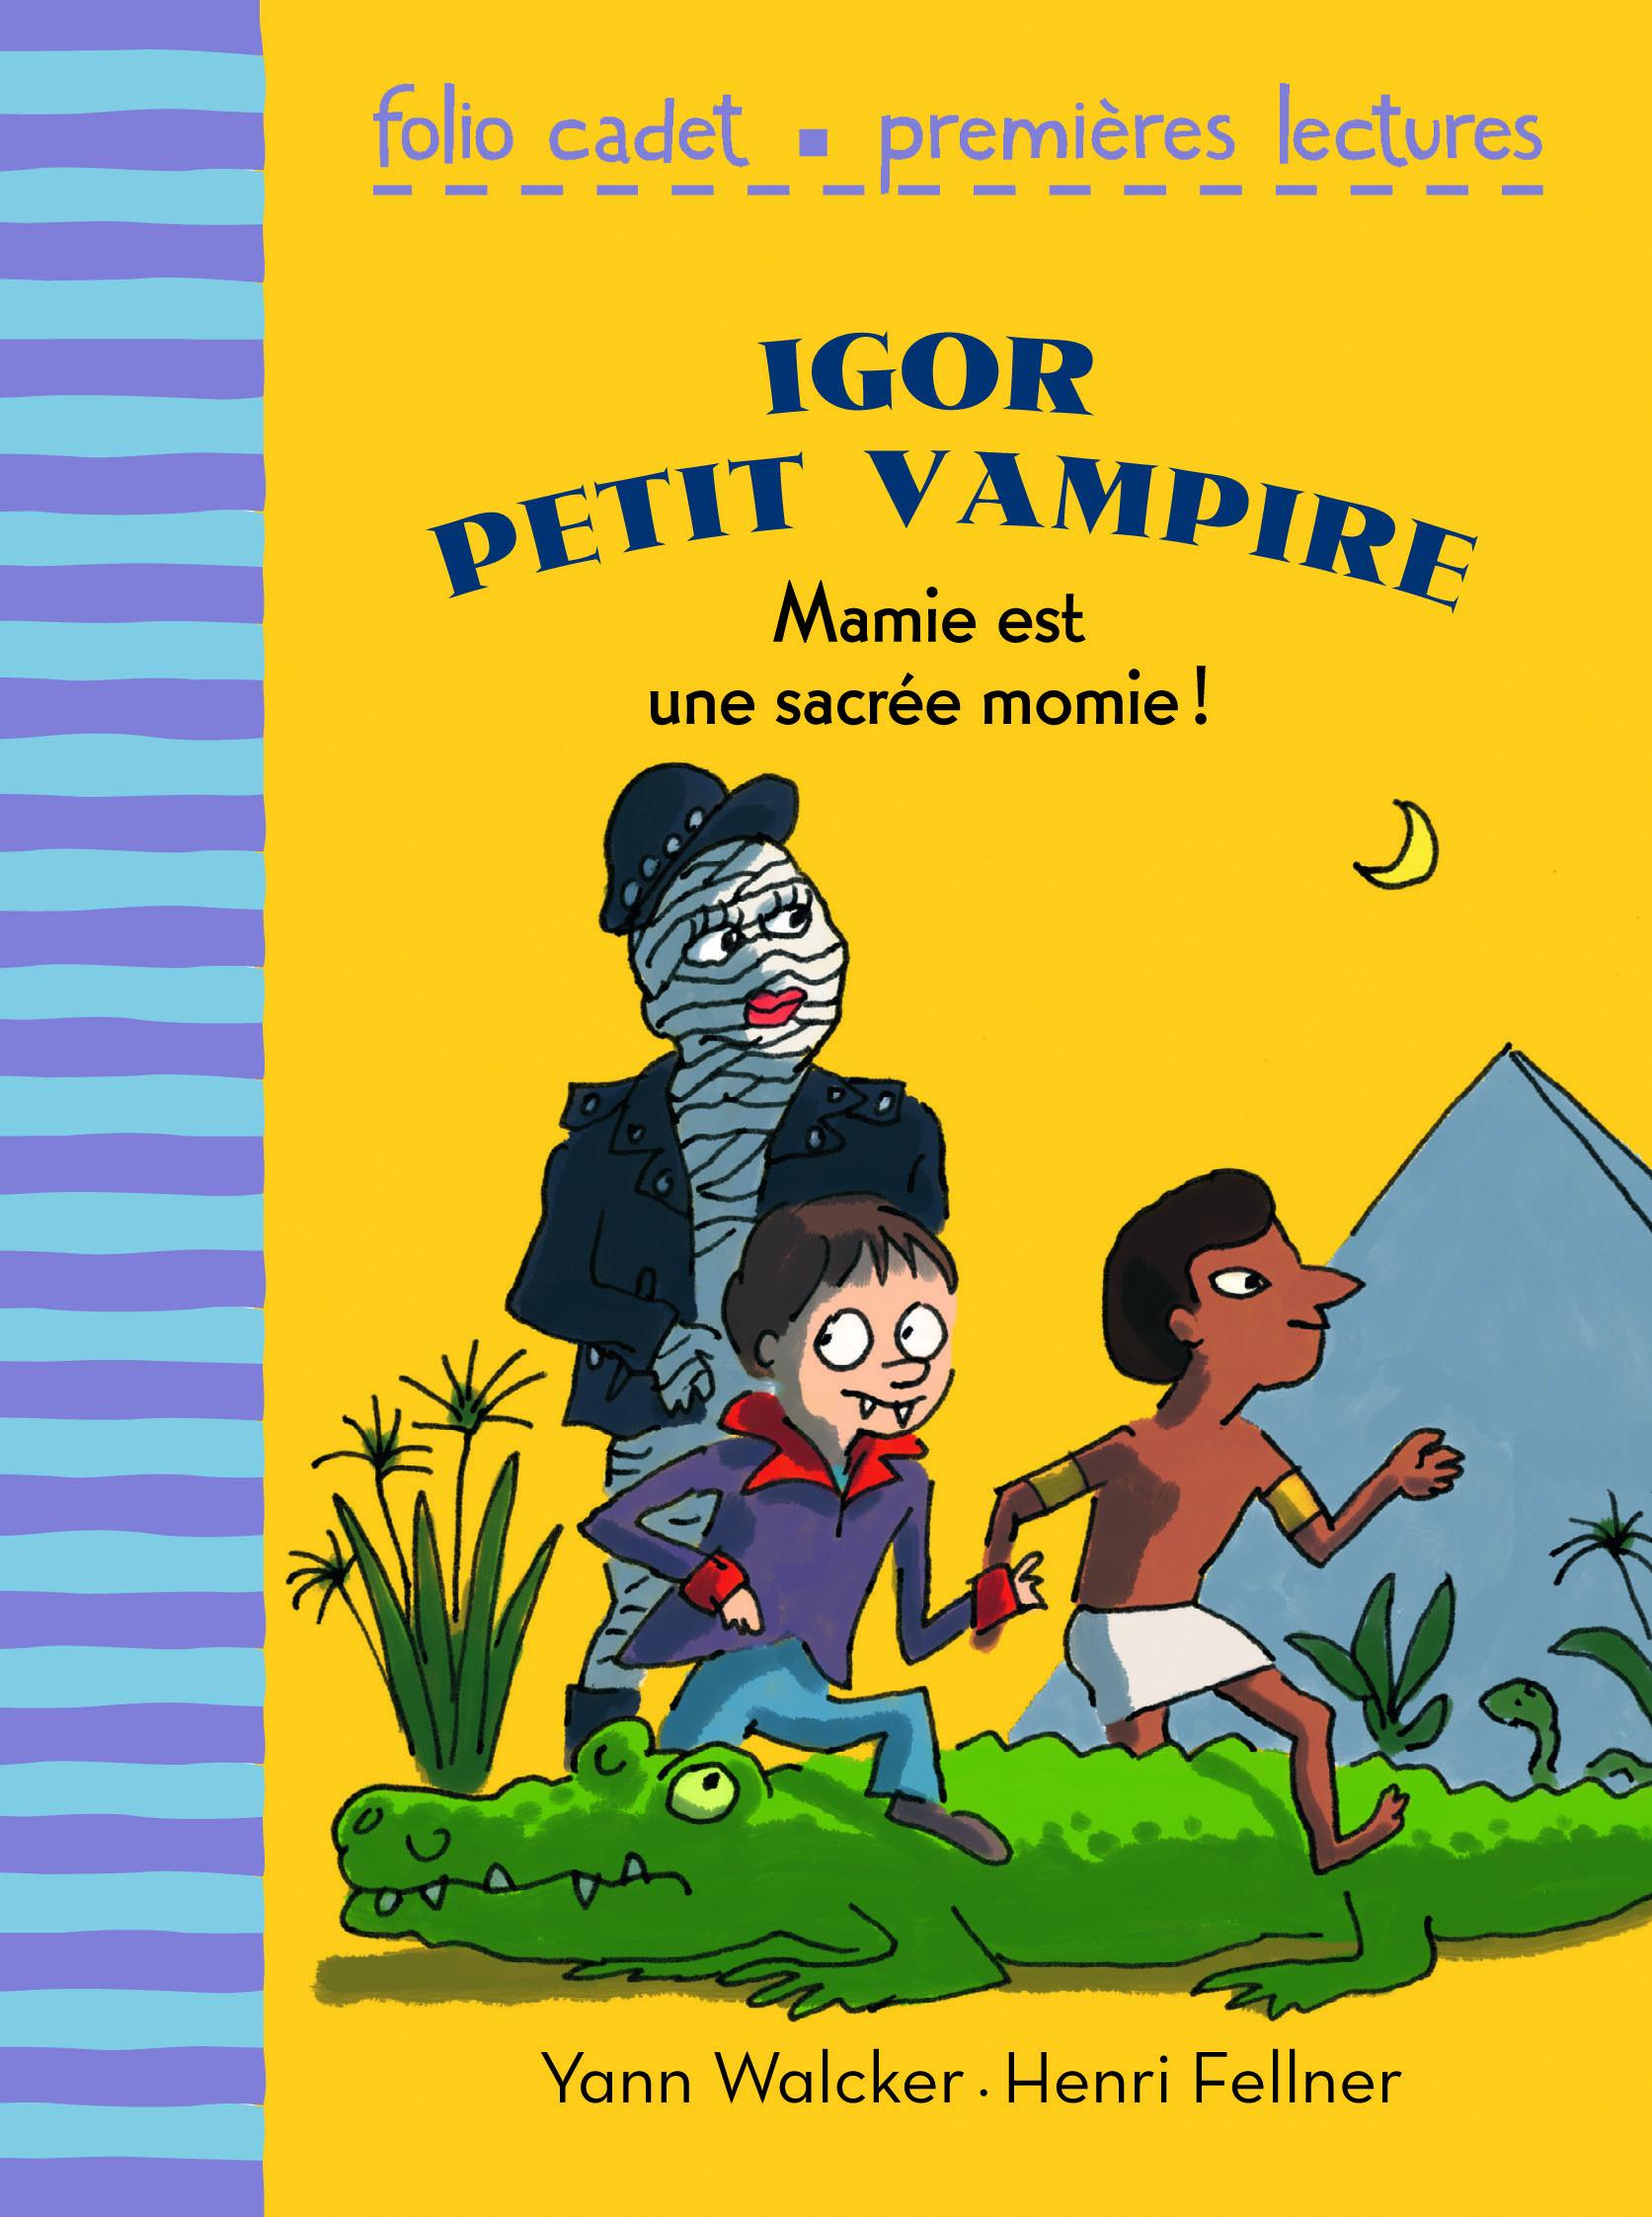 IGOR PETIT VAMPIRE, 4 : MAMIE EST UNE SACREE MOMIE !